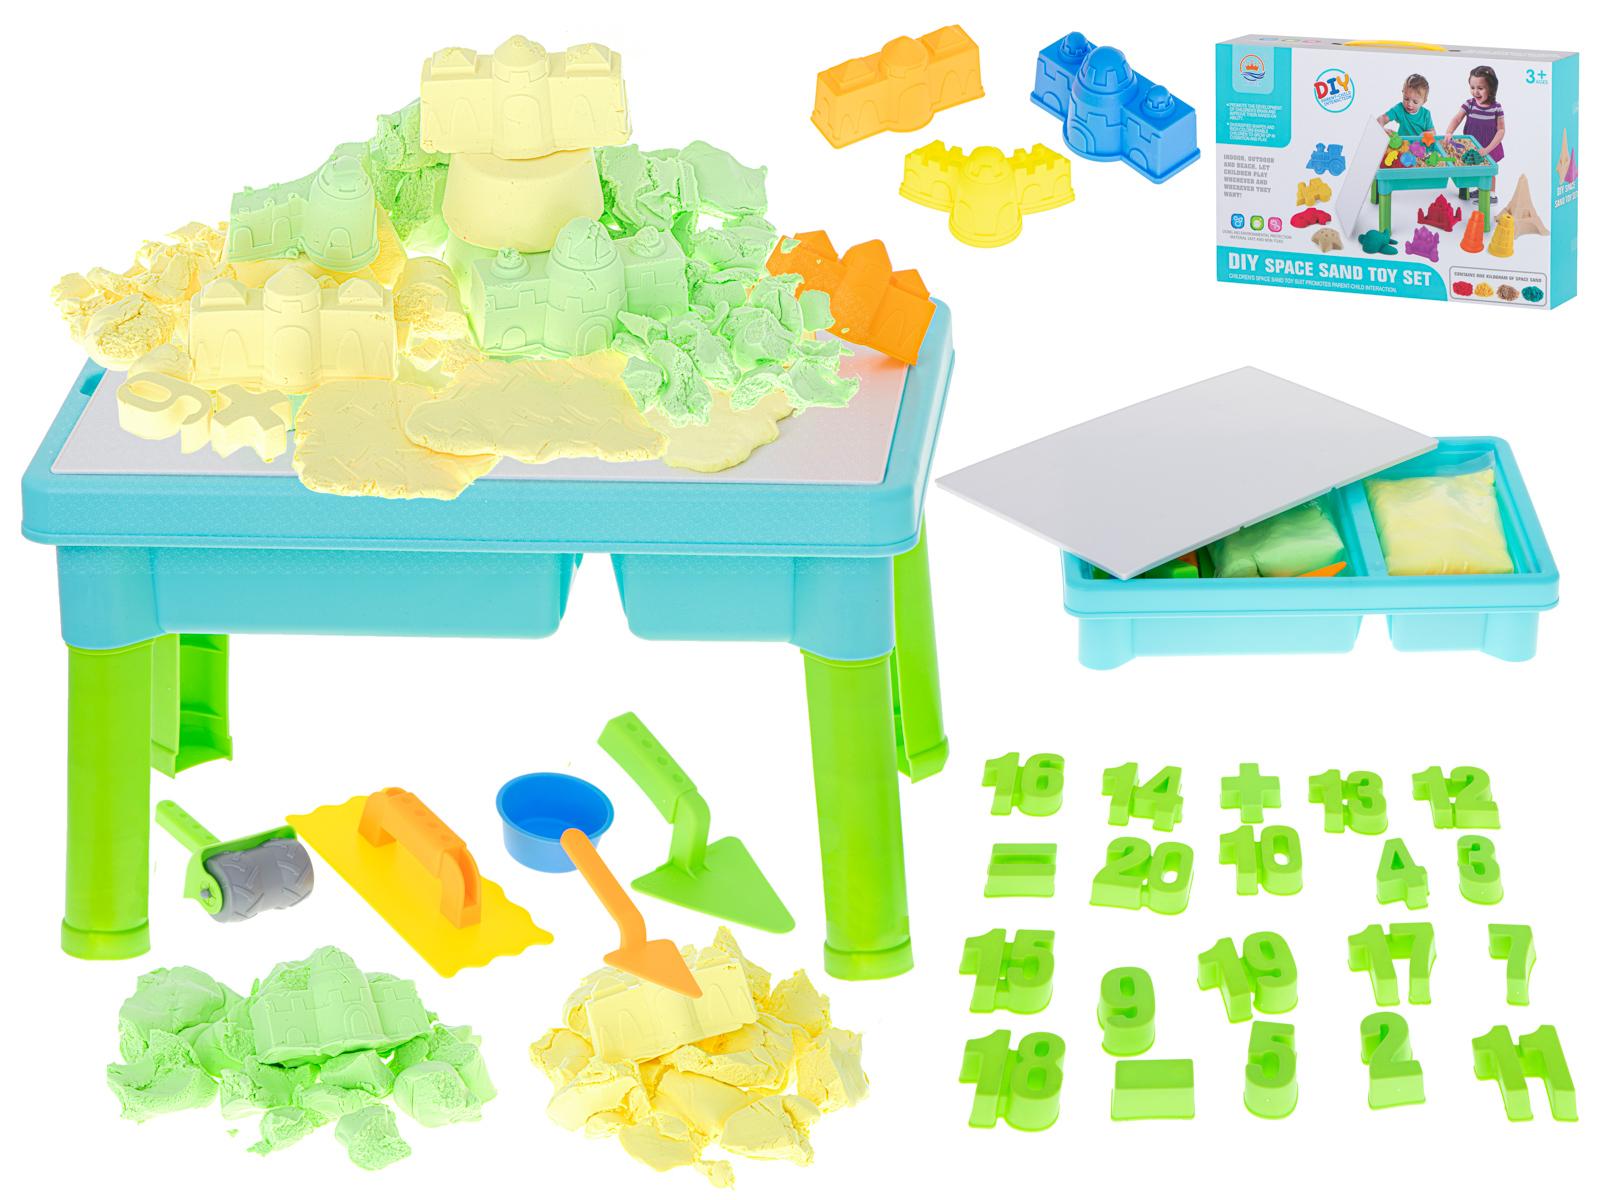 KIK KX6170 Kreatívne stolík na kinetický piesok Set 31 ks